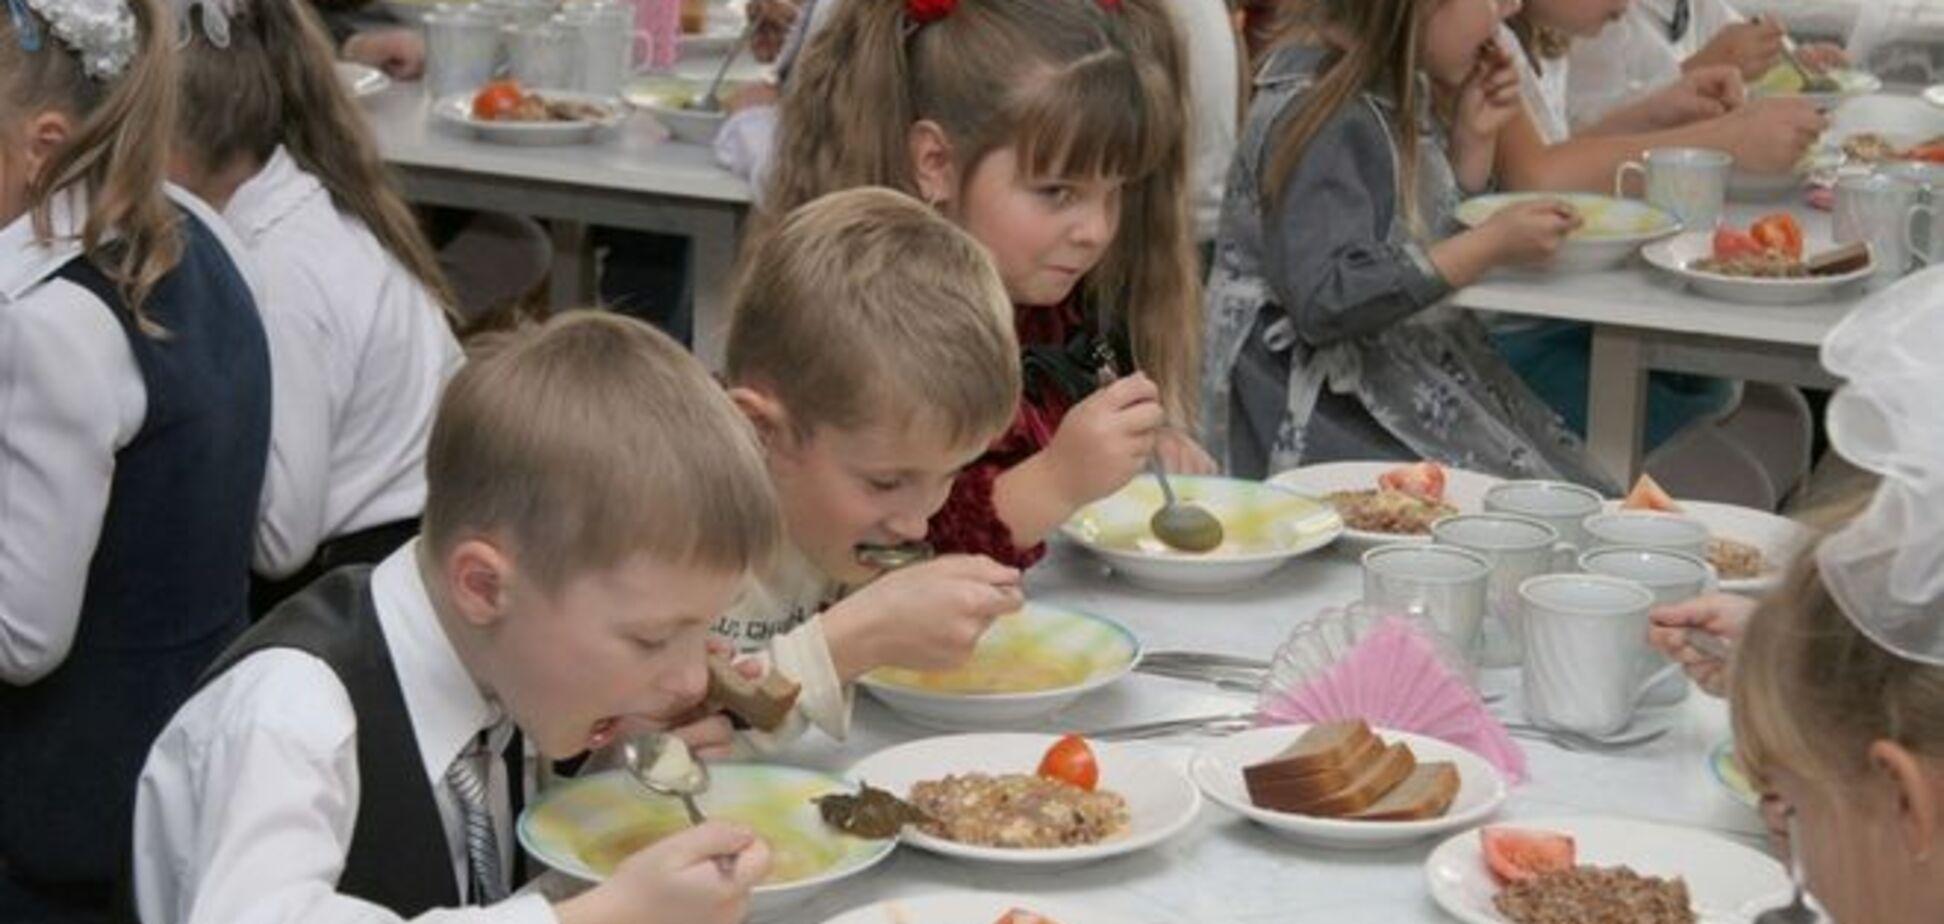 СМИ узнали, почему украинские школьники могут остаться без обедов